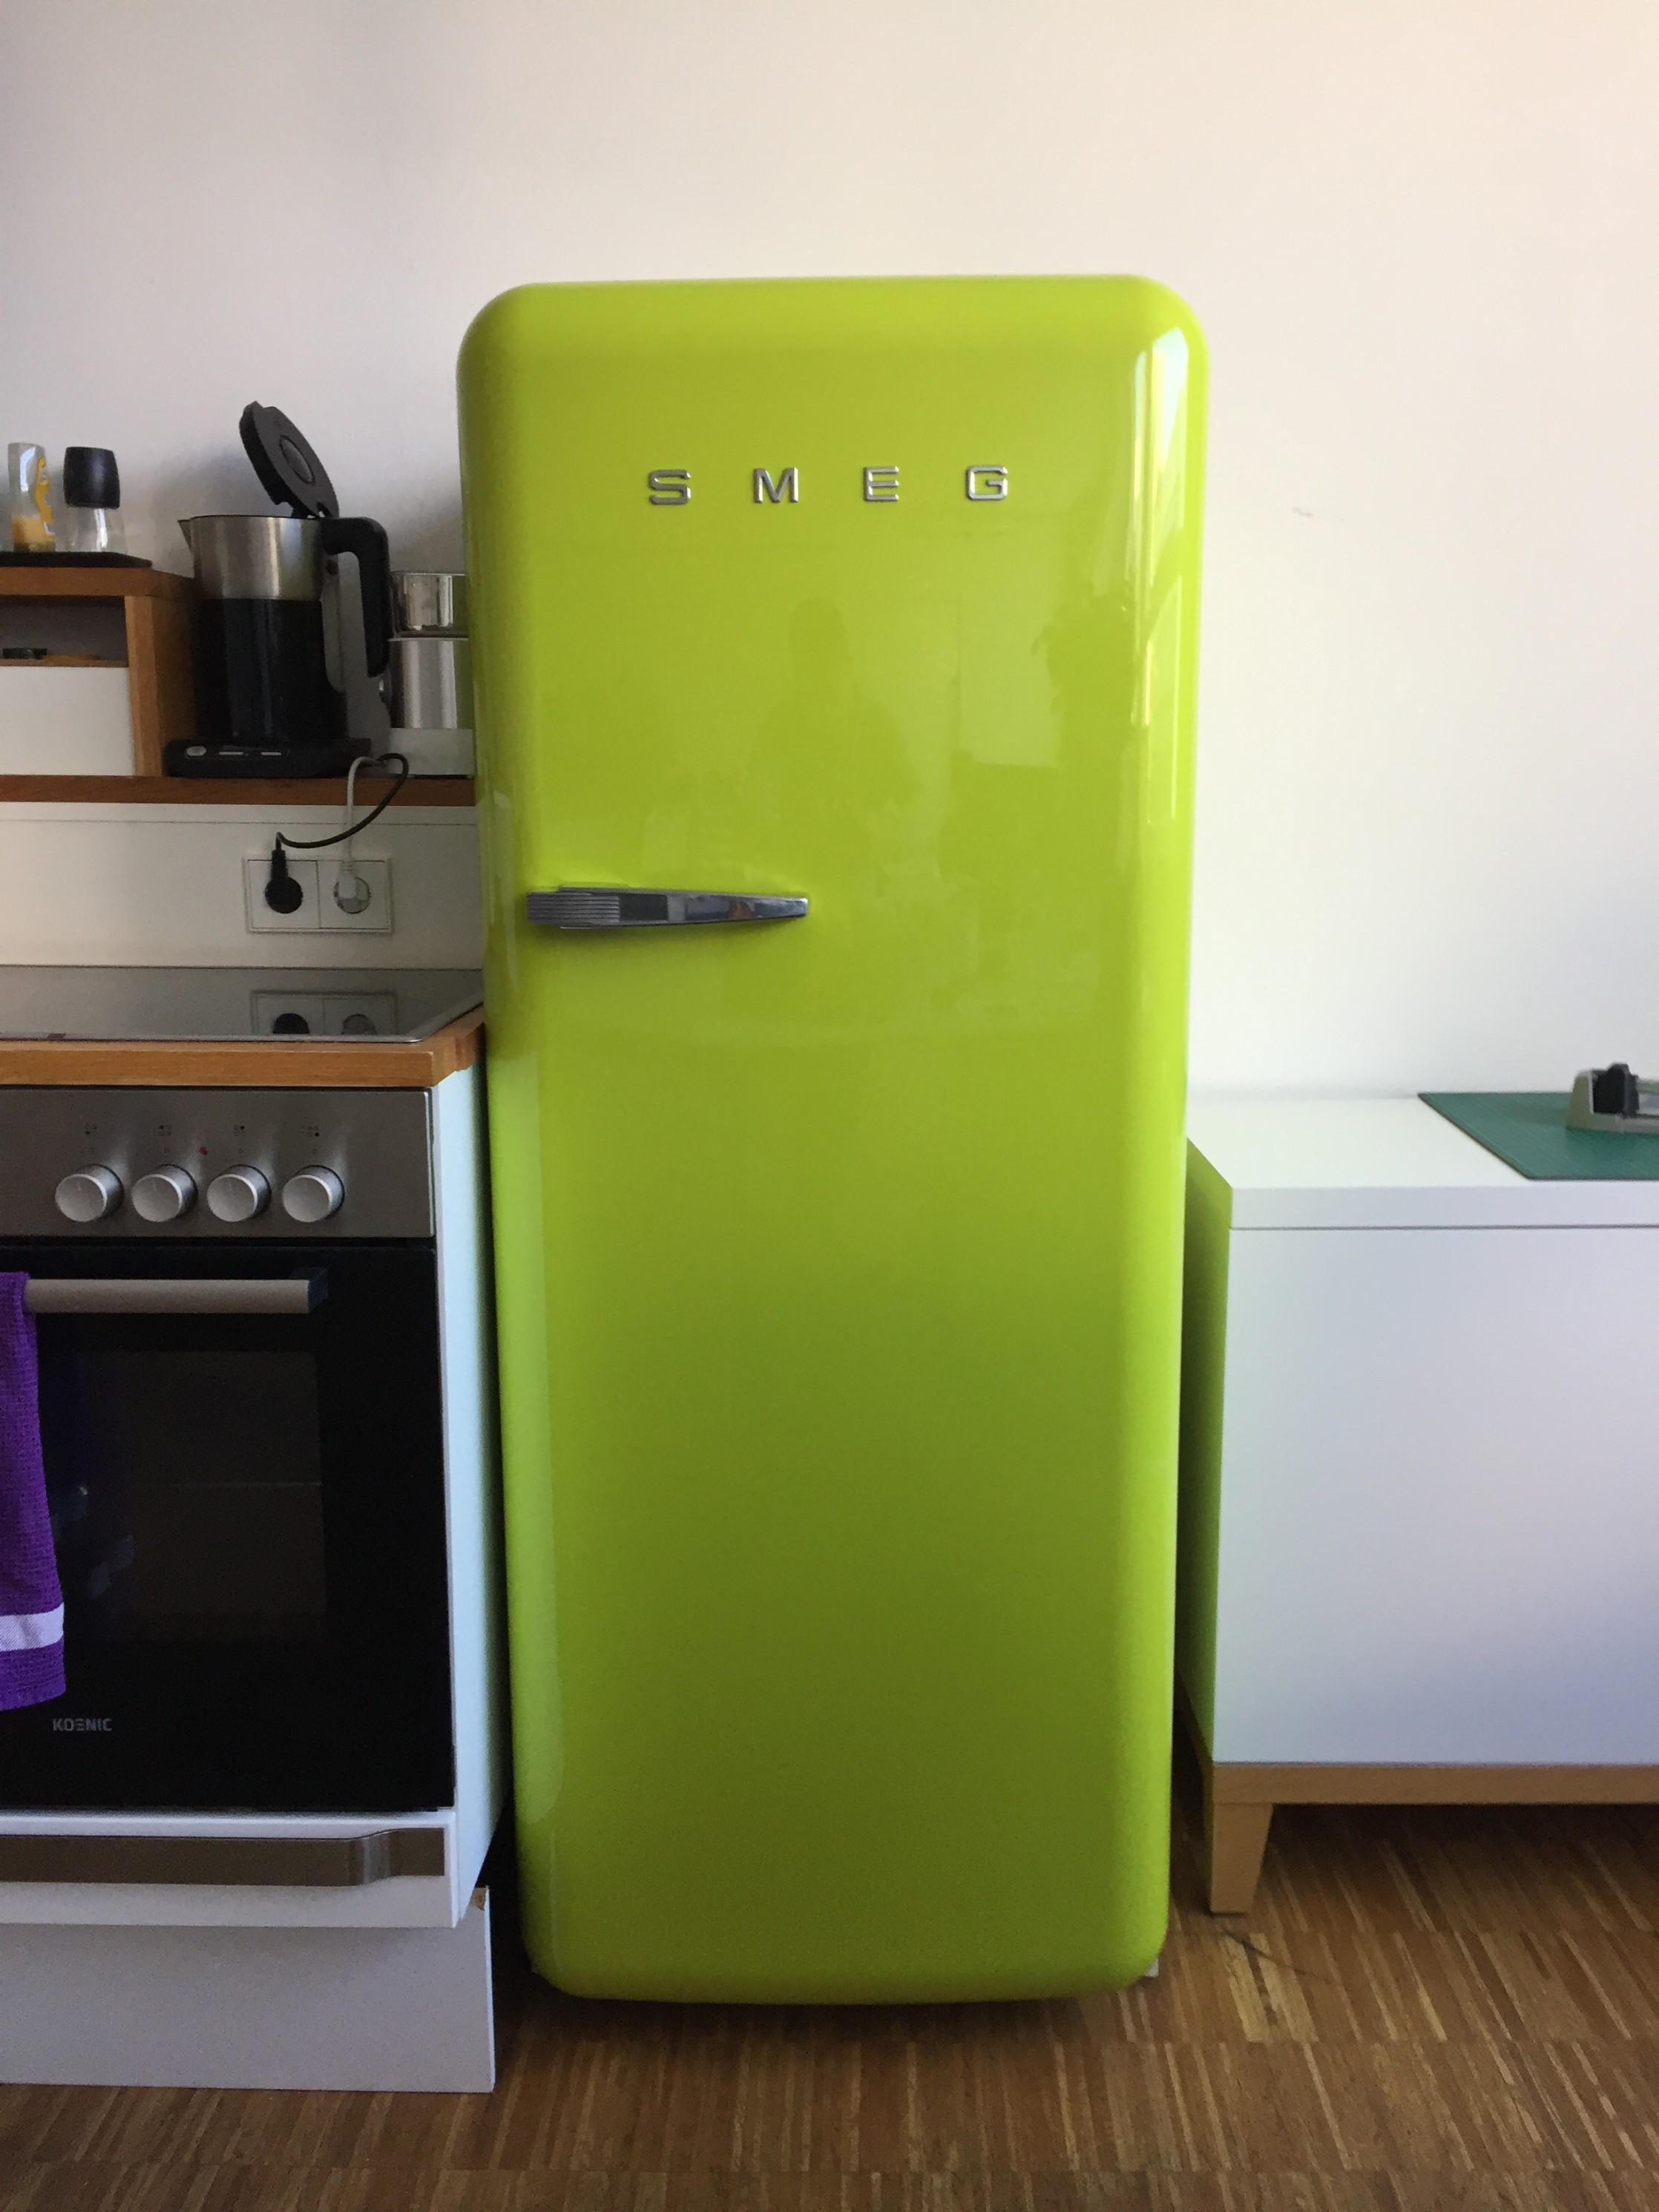 Smeg Kühlschrank Grün : Smeg kühlschrank abmessungen smeg sid c einbau kühlschrank